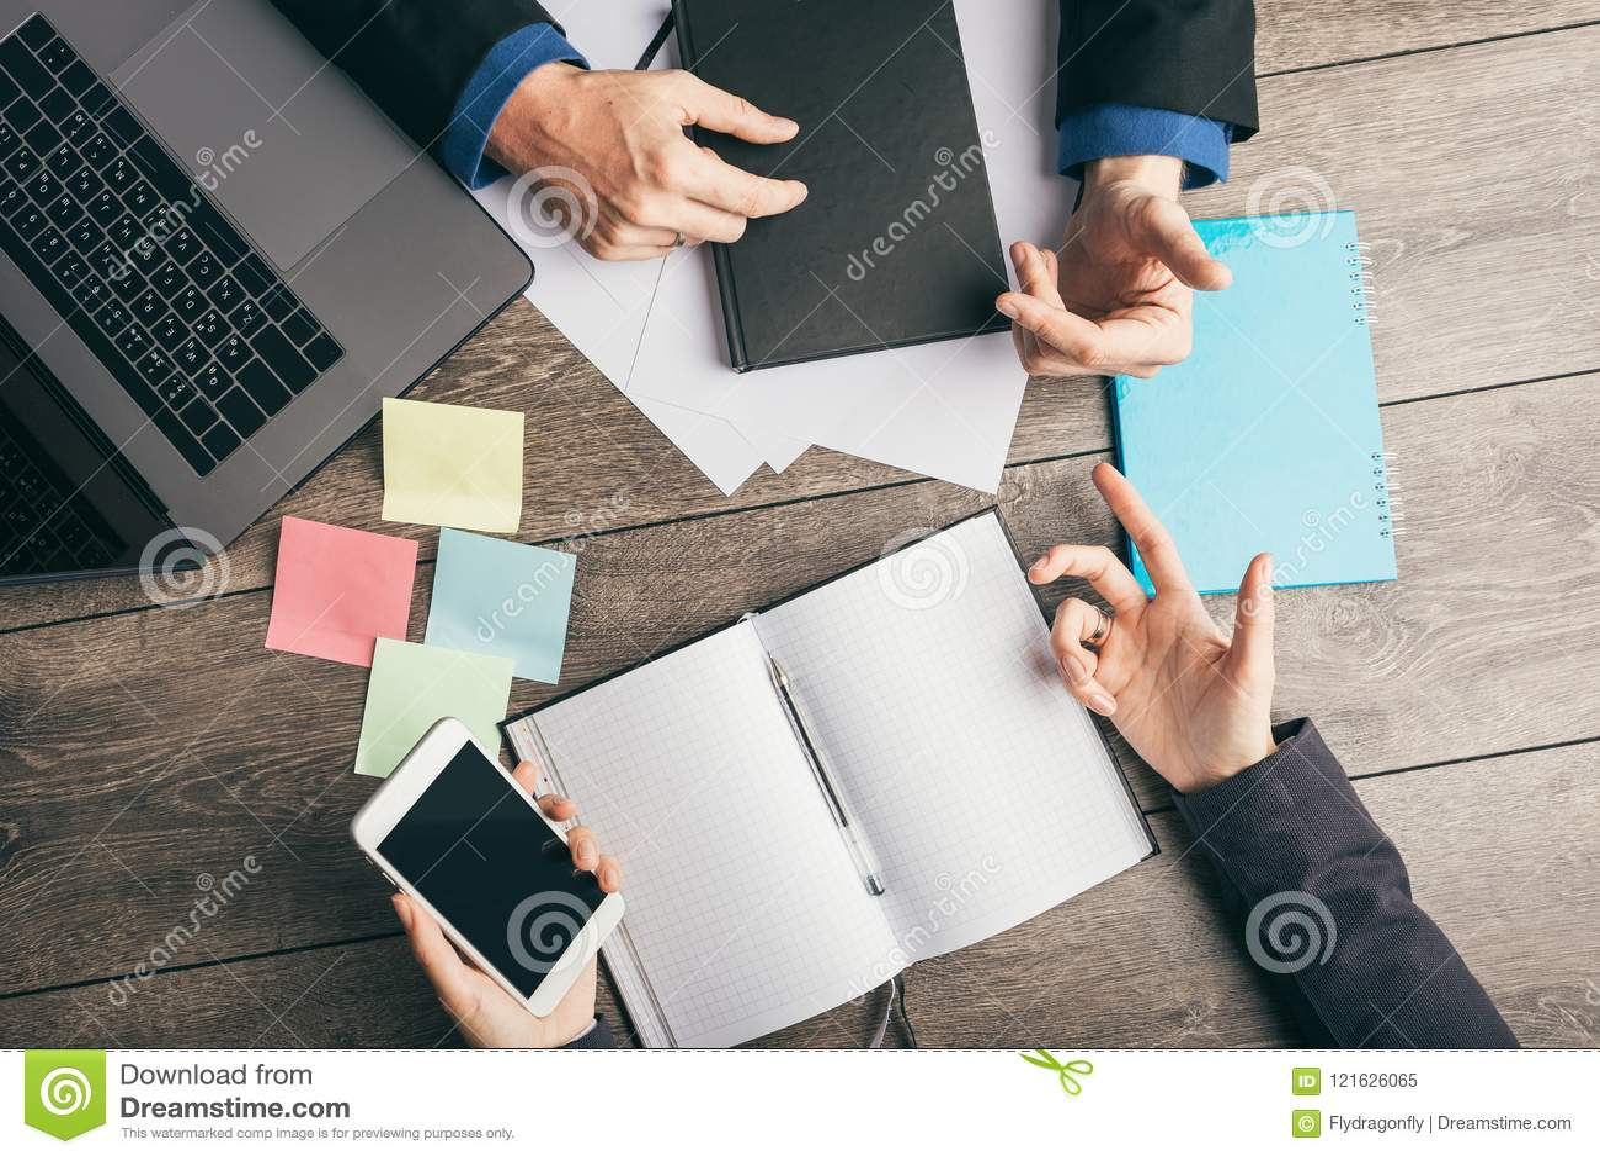 关于事务业务发展战略的活跃讨论  逻辑分析方法和计划 顶视图工作地点书桌